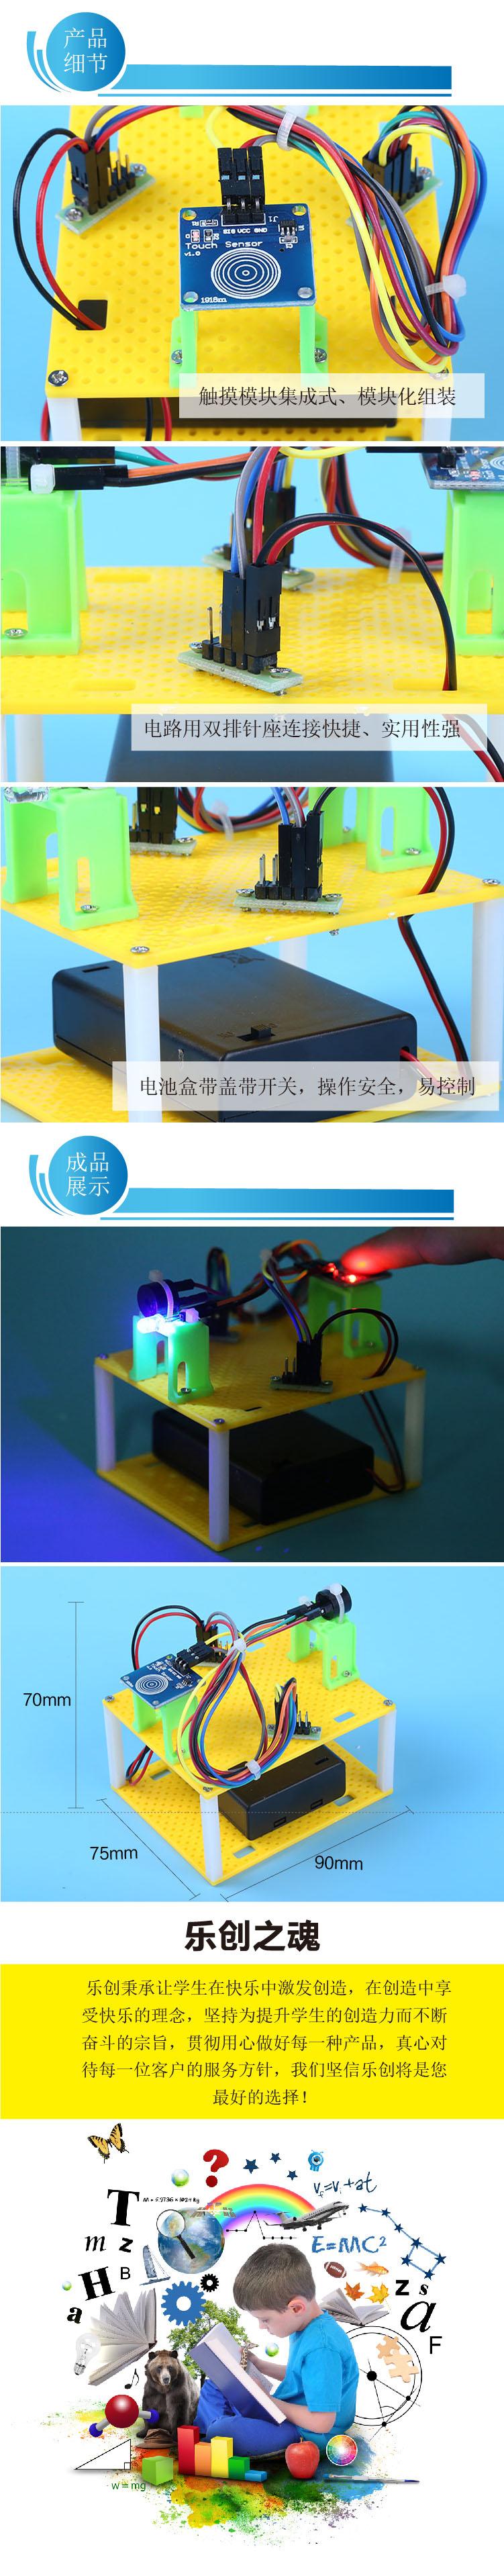 小学科学实验玩具 科技小制作diy 创意创新小发明 触摸门铃模型